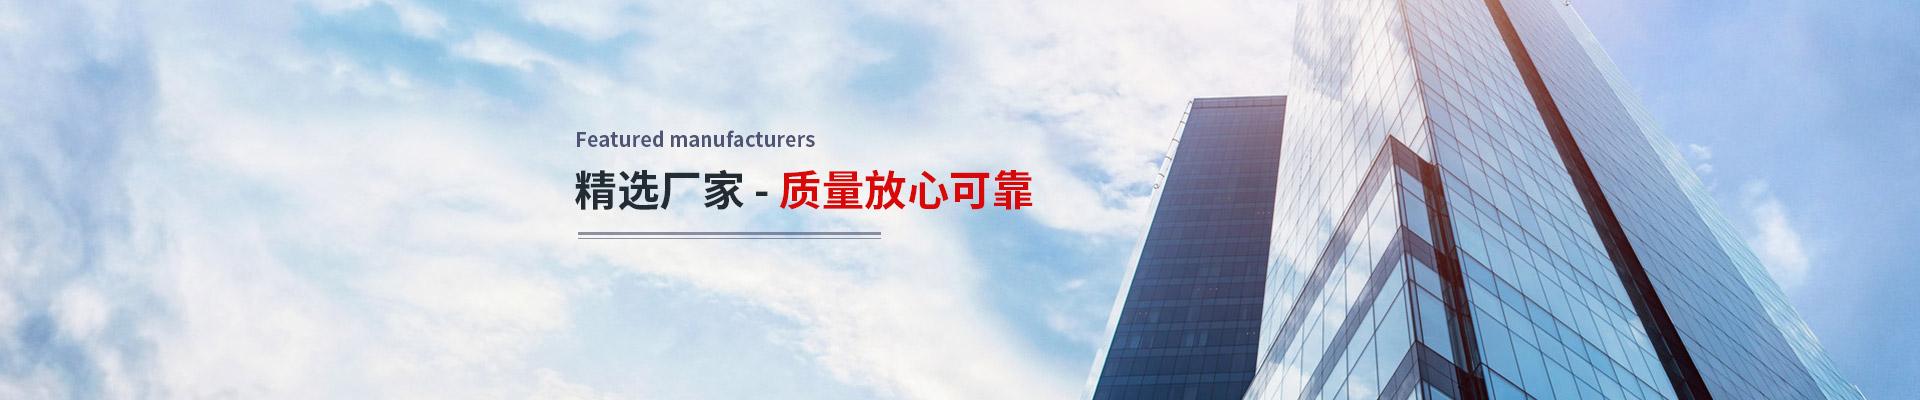 金山区淘宝盒饭配送能放多久「上海燕雨食品配送供应」